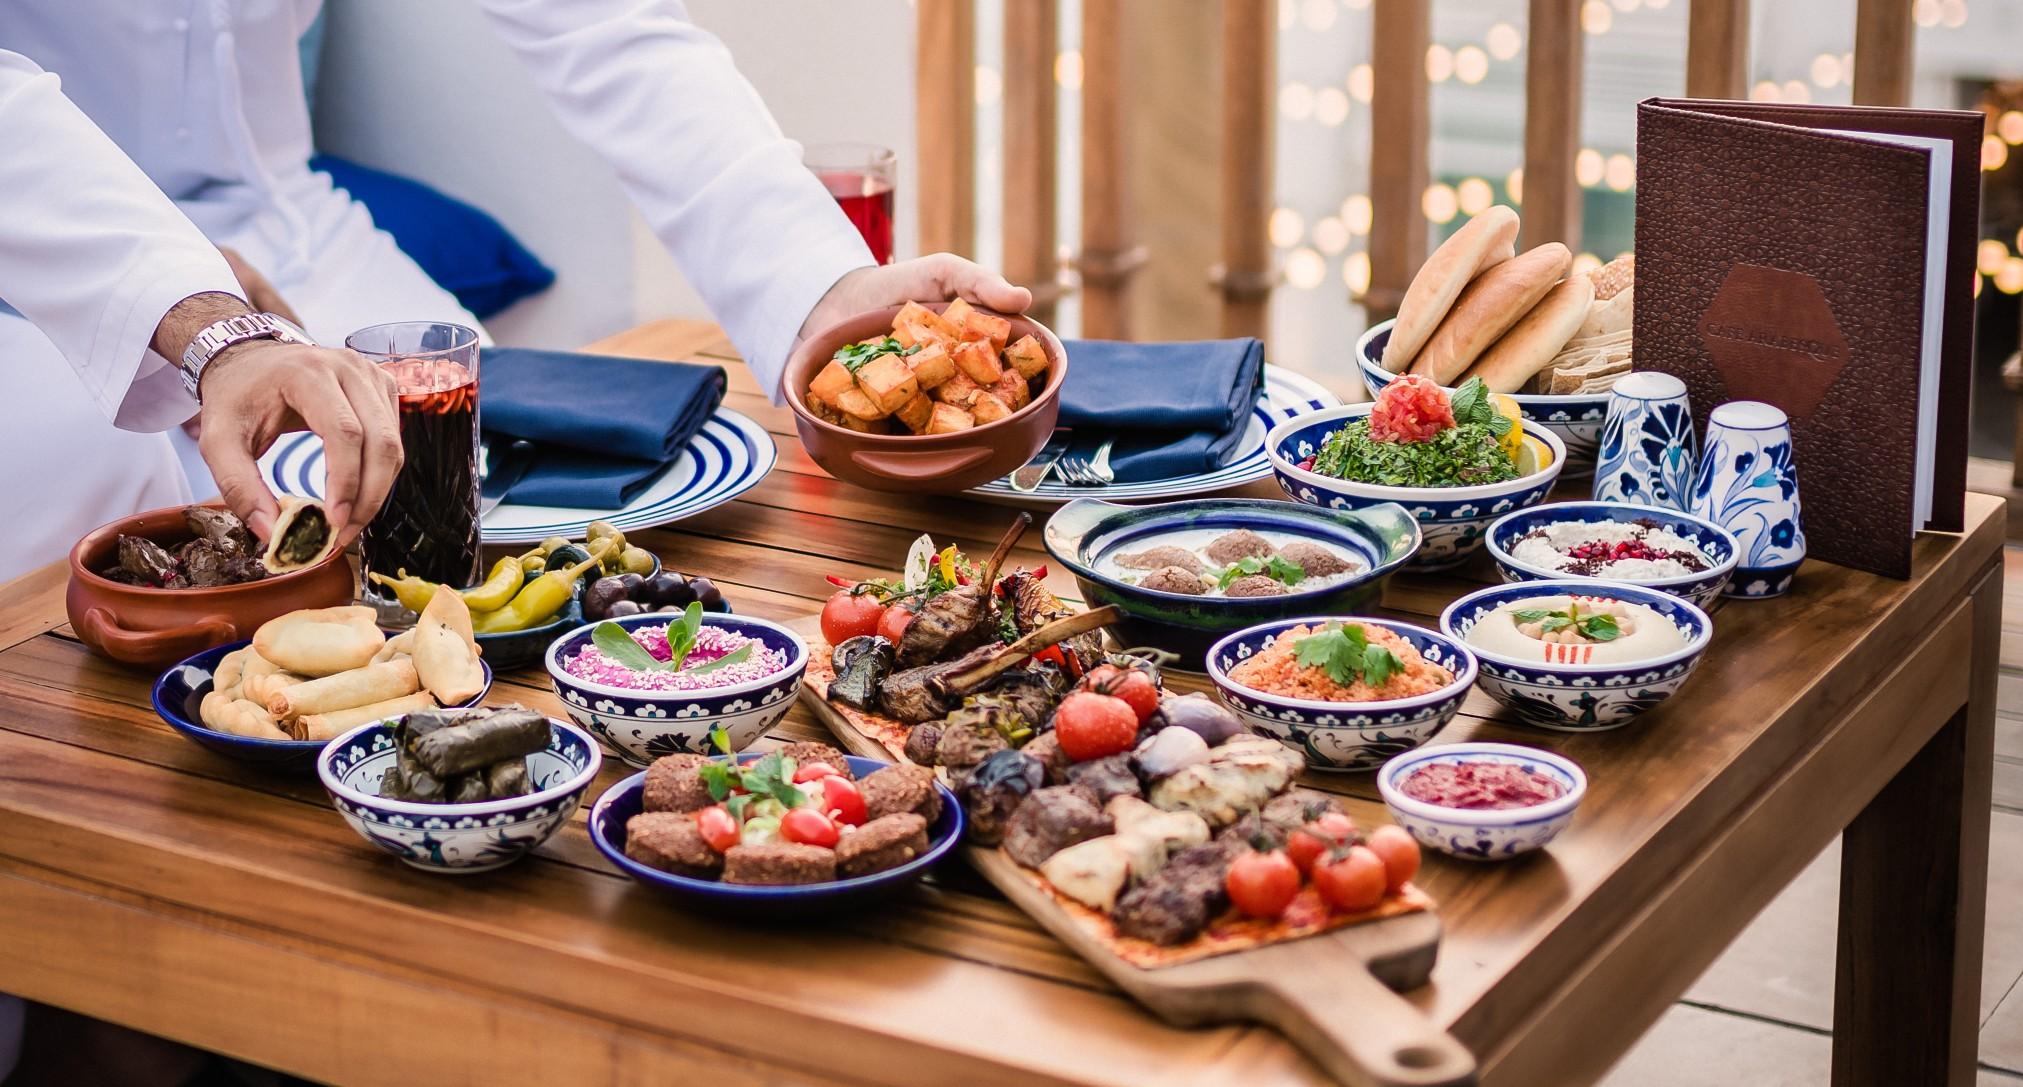 عروض الإفطار و السحور الرمضاني في مطعم كافيه أرابيسك دبي